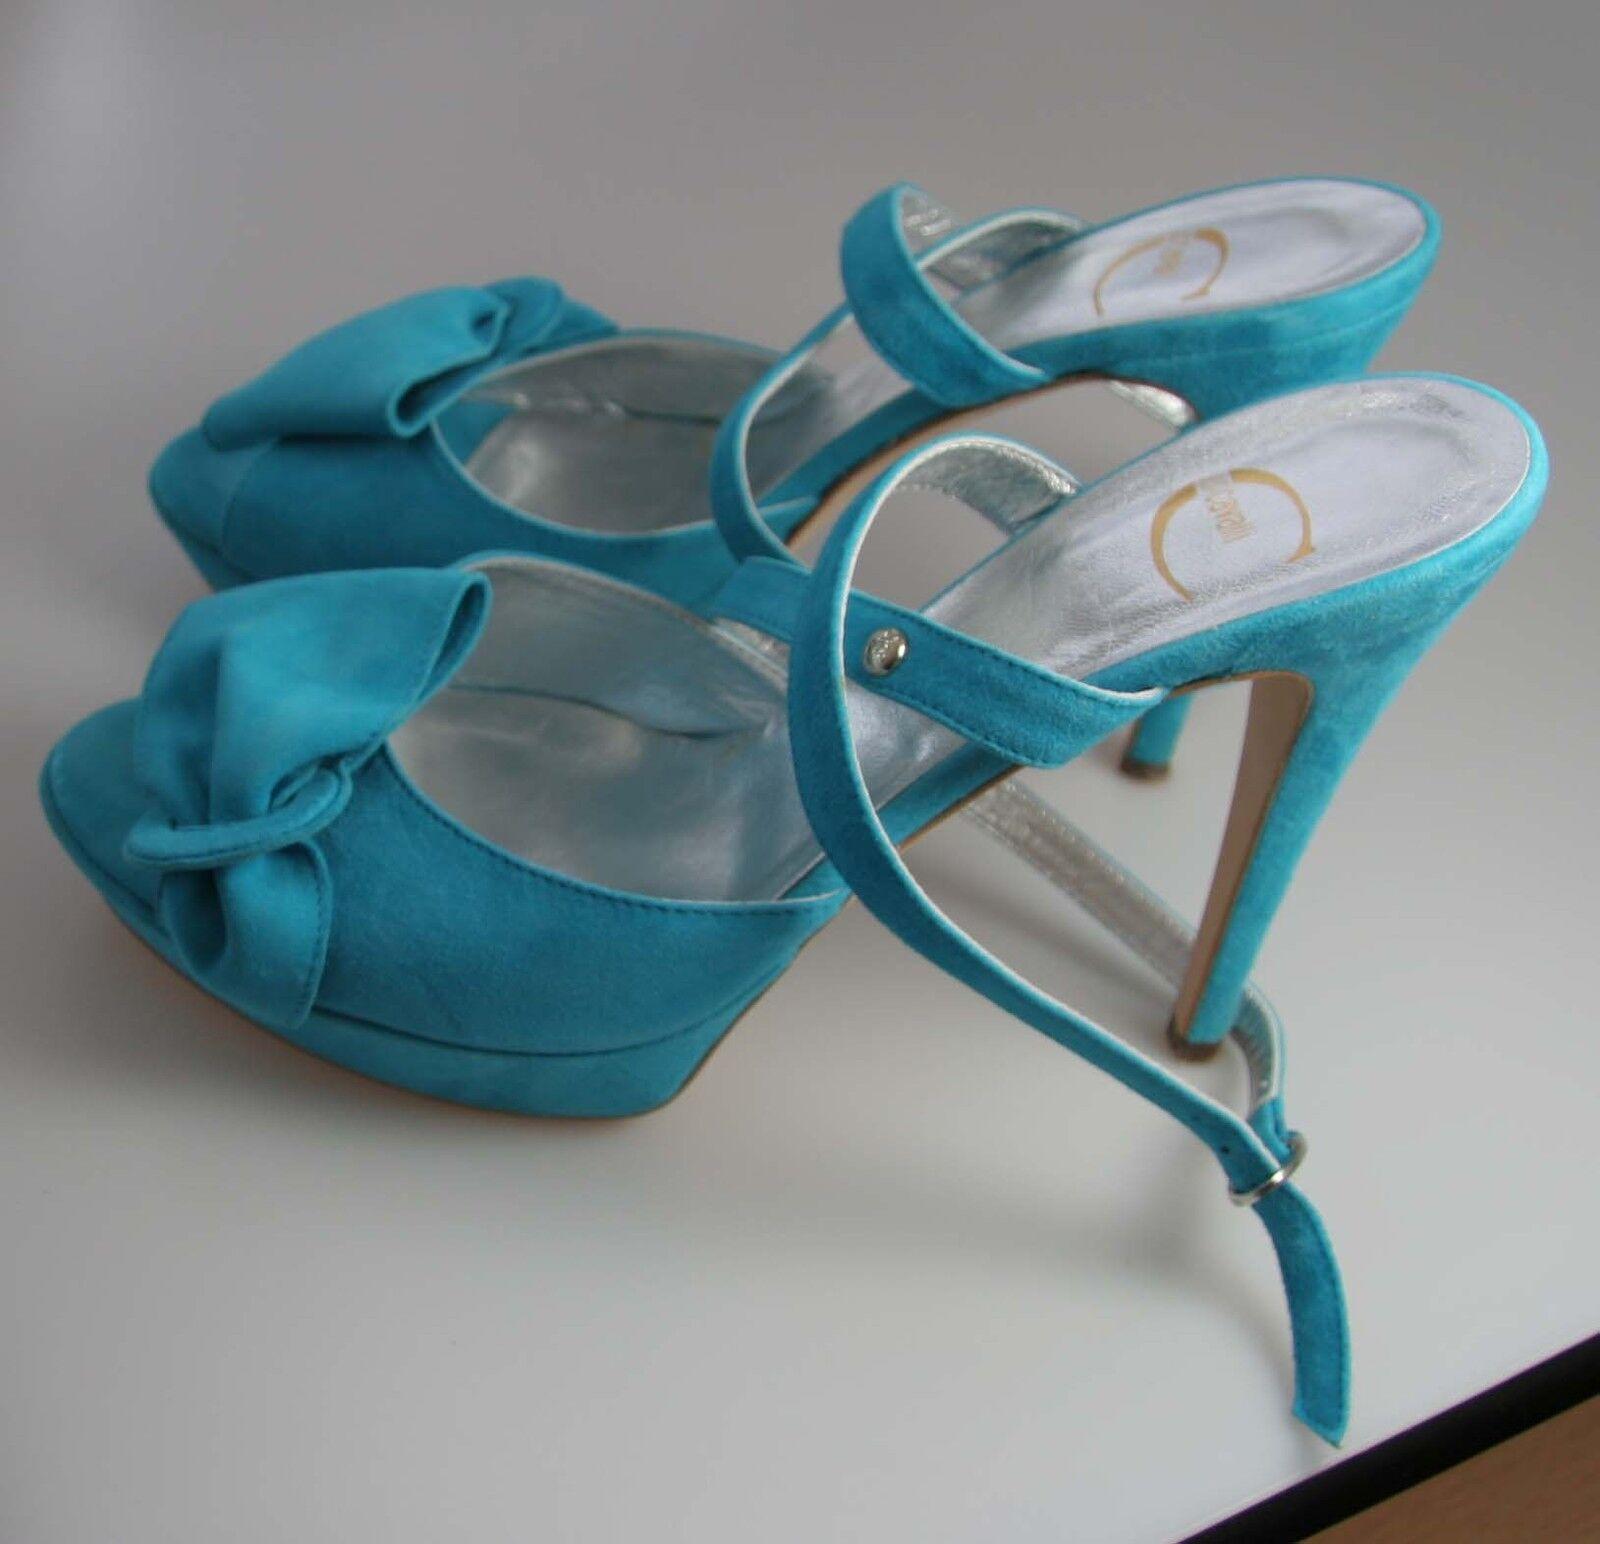 Sandalen von Just Cavalli Gr. 39 Neu